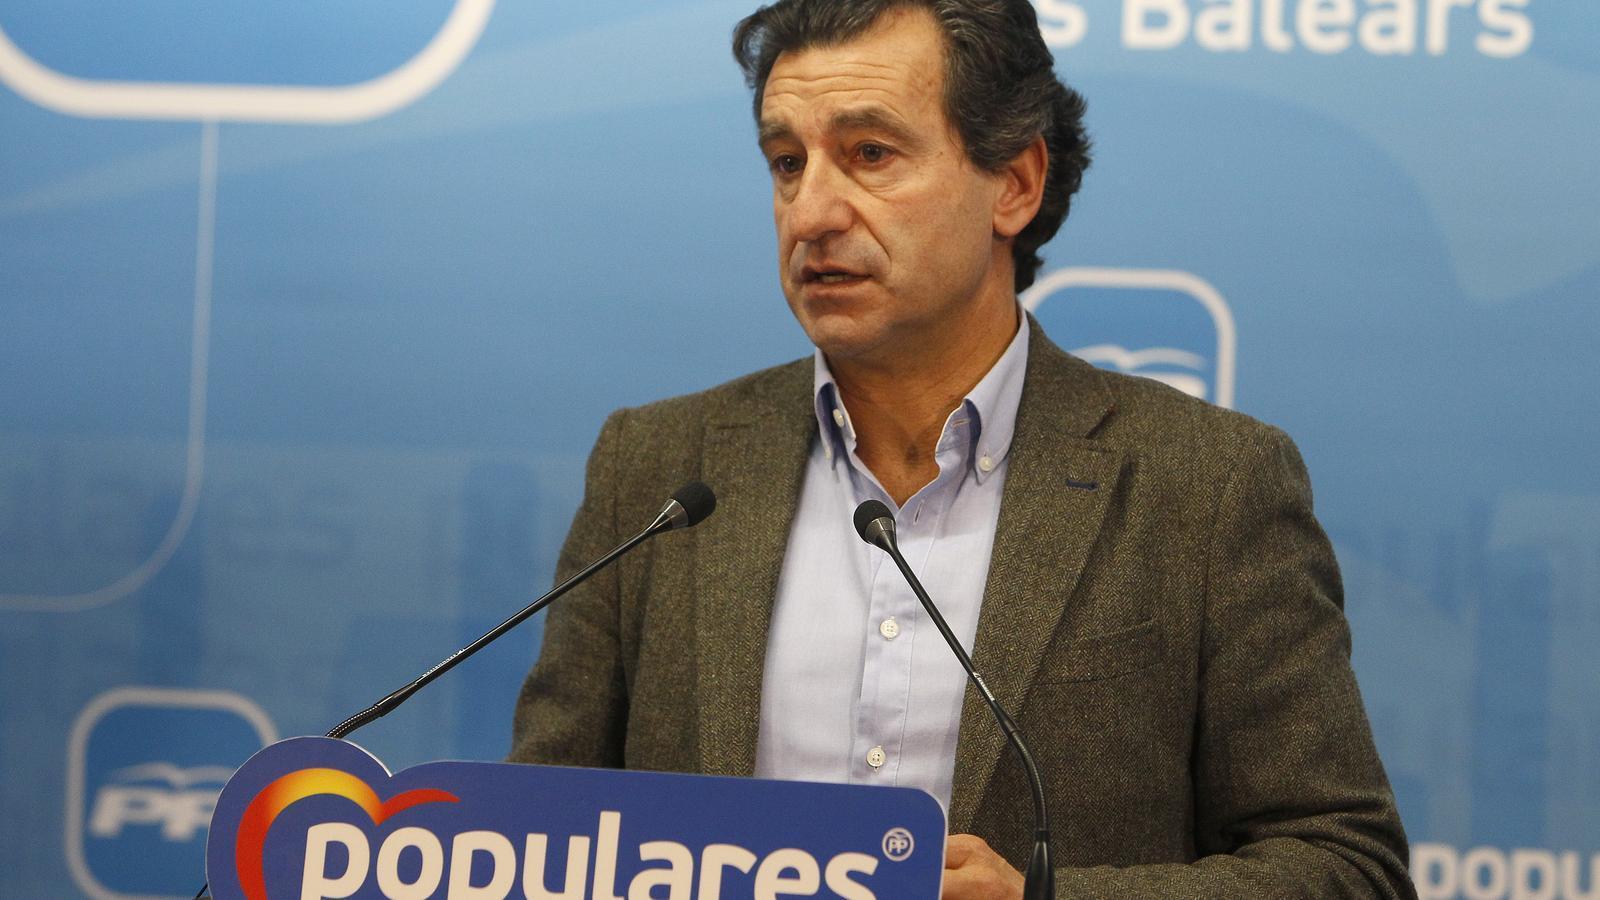 El president del Partit Popular a les Illes Balears, Biel Company